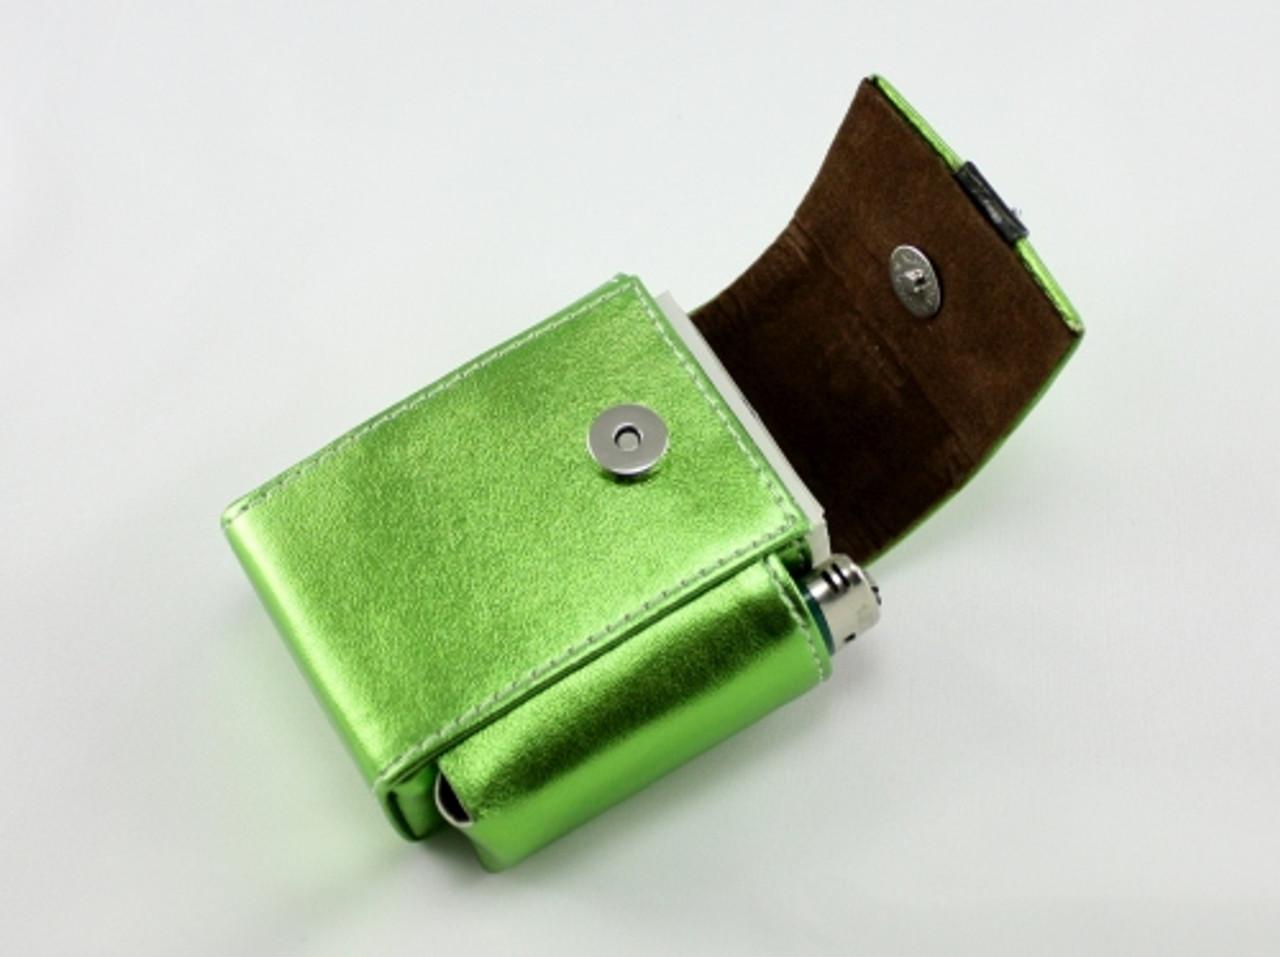 Metallic Green Cigarette Pack Holder